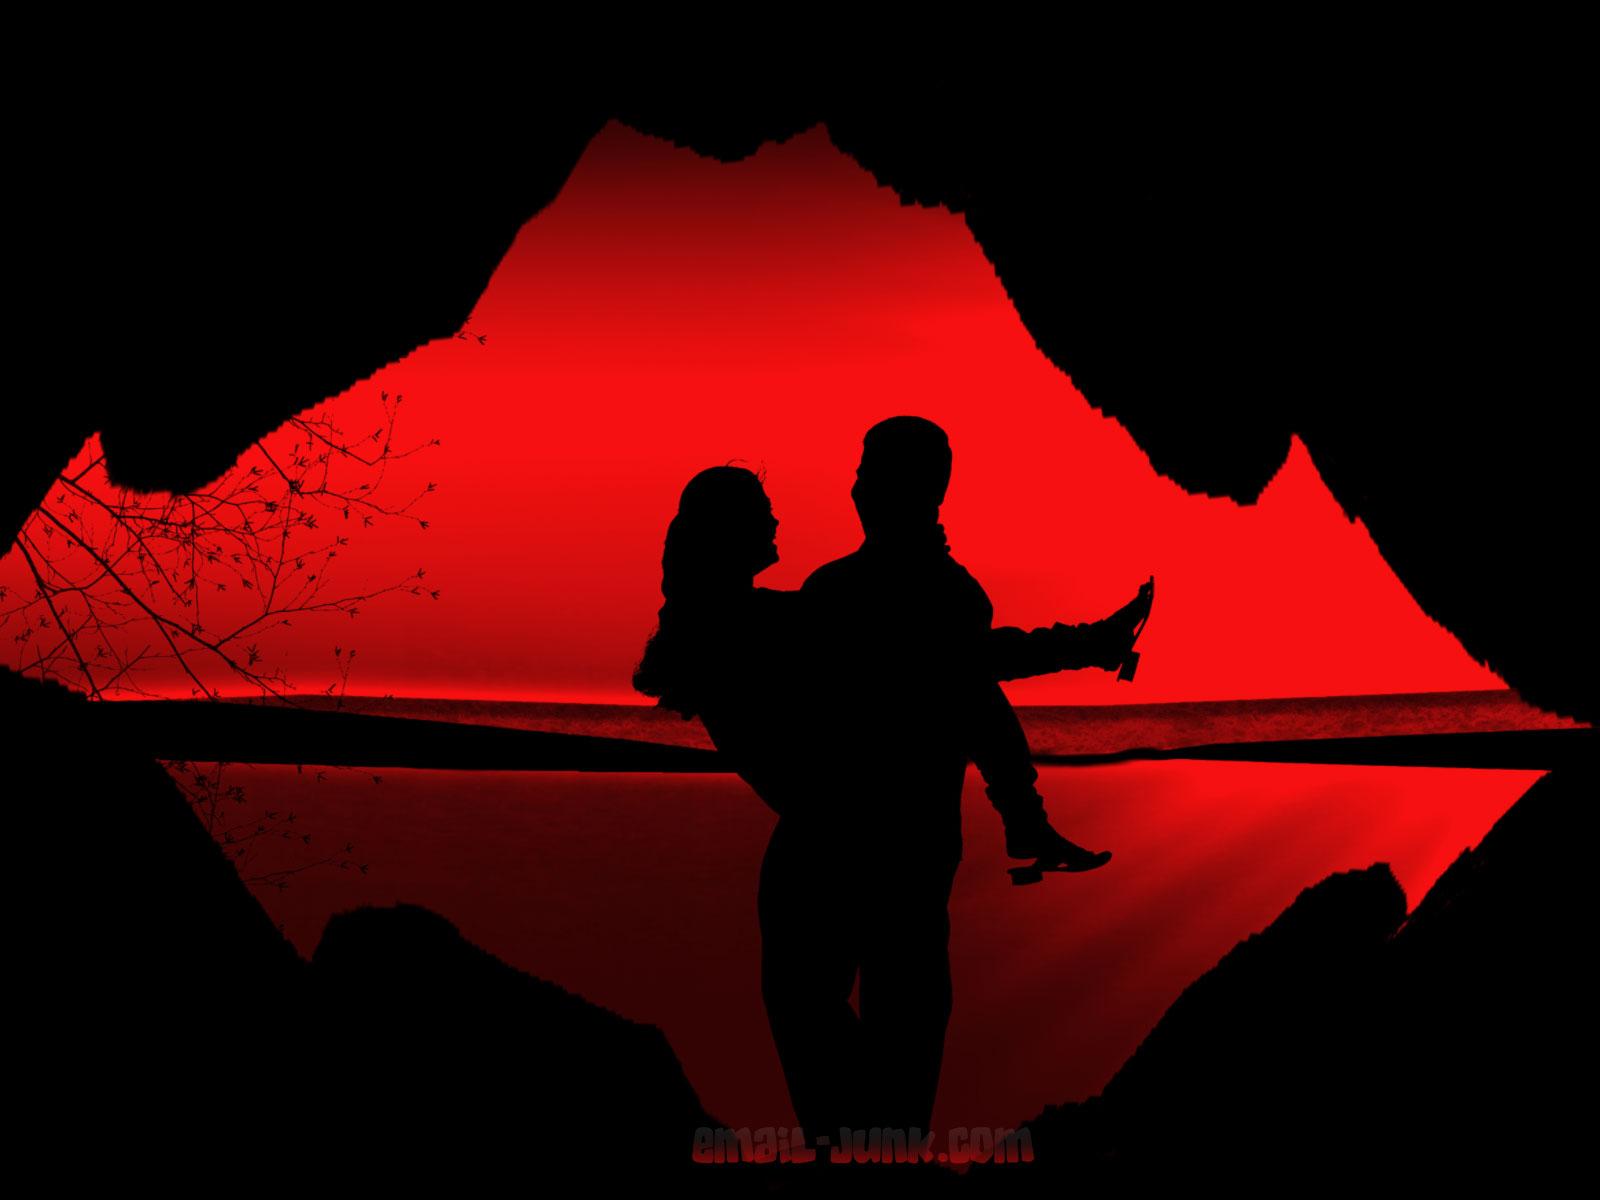 صورة موسوعه صور رومانسيه , مجموعة من ارق الصور الغرامية المعبرة عن الحب